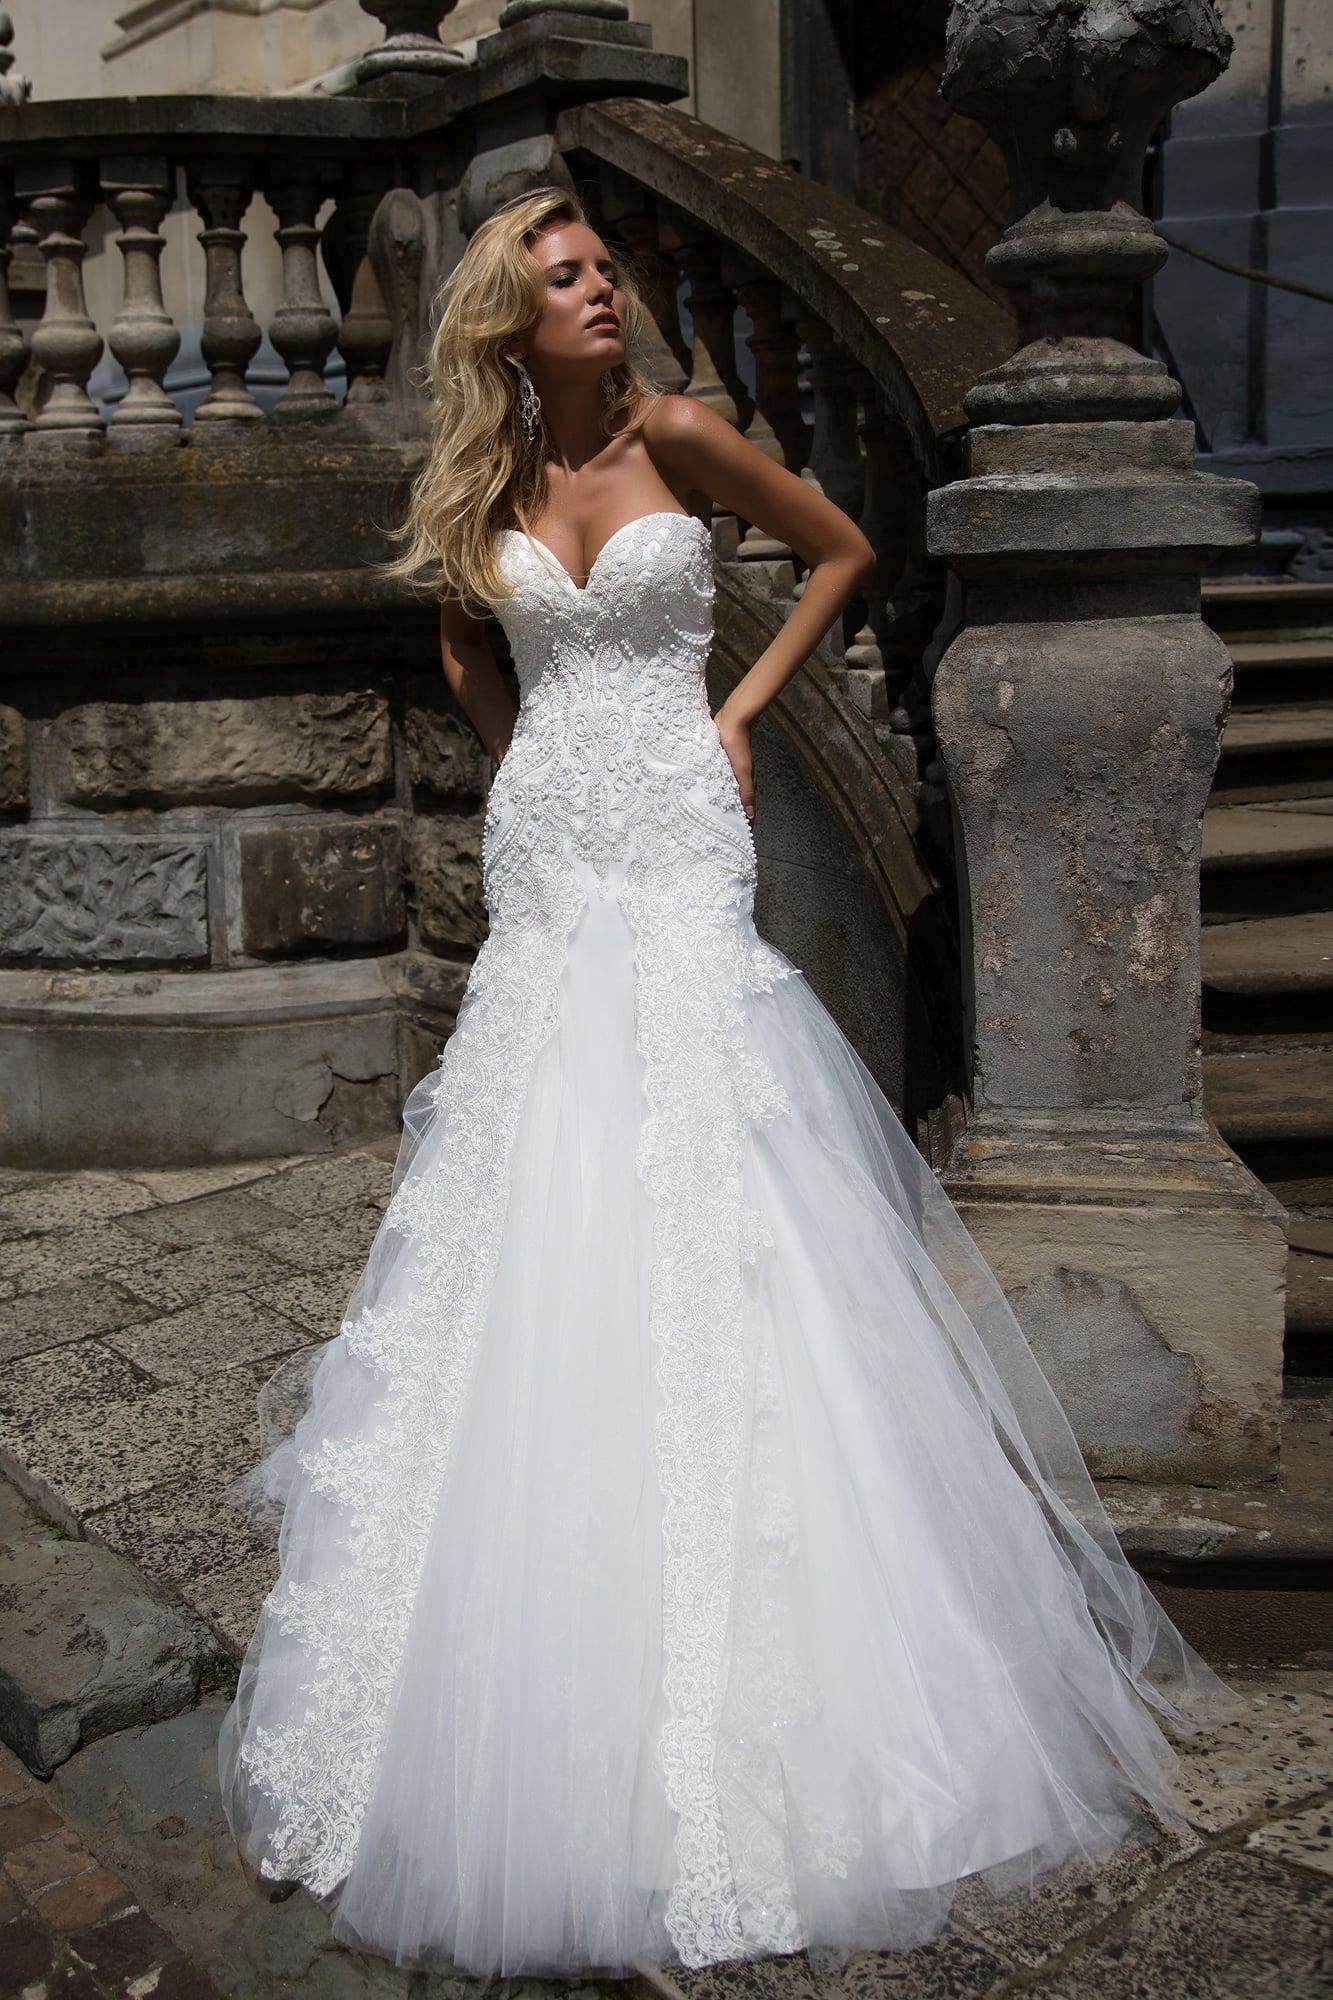 Открытое свадебное платье «рыбка» с кружевным декором корсета и многослойным подолом.